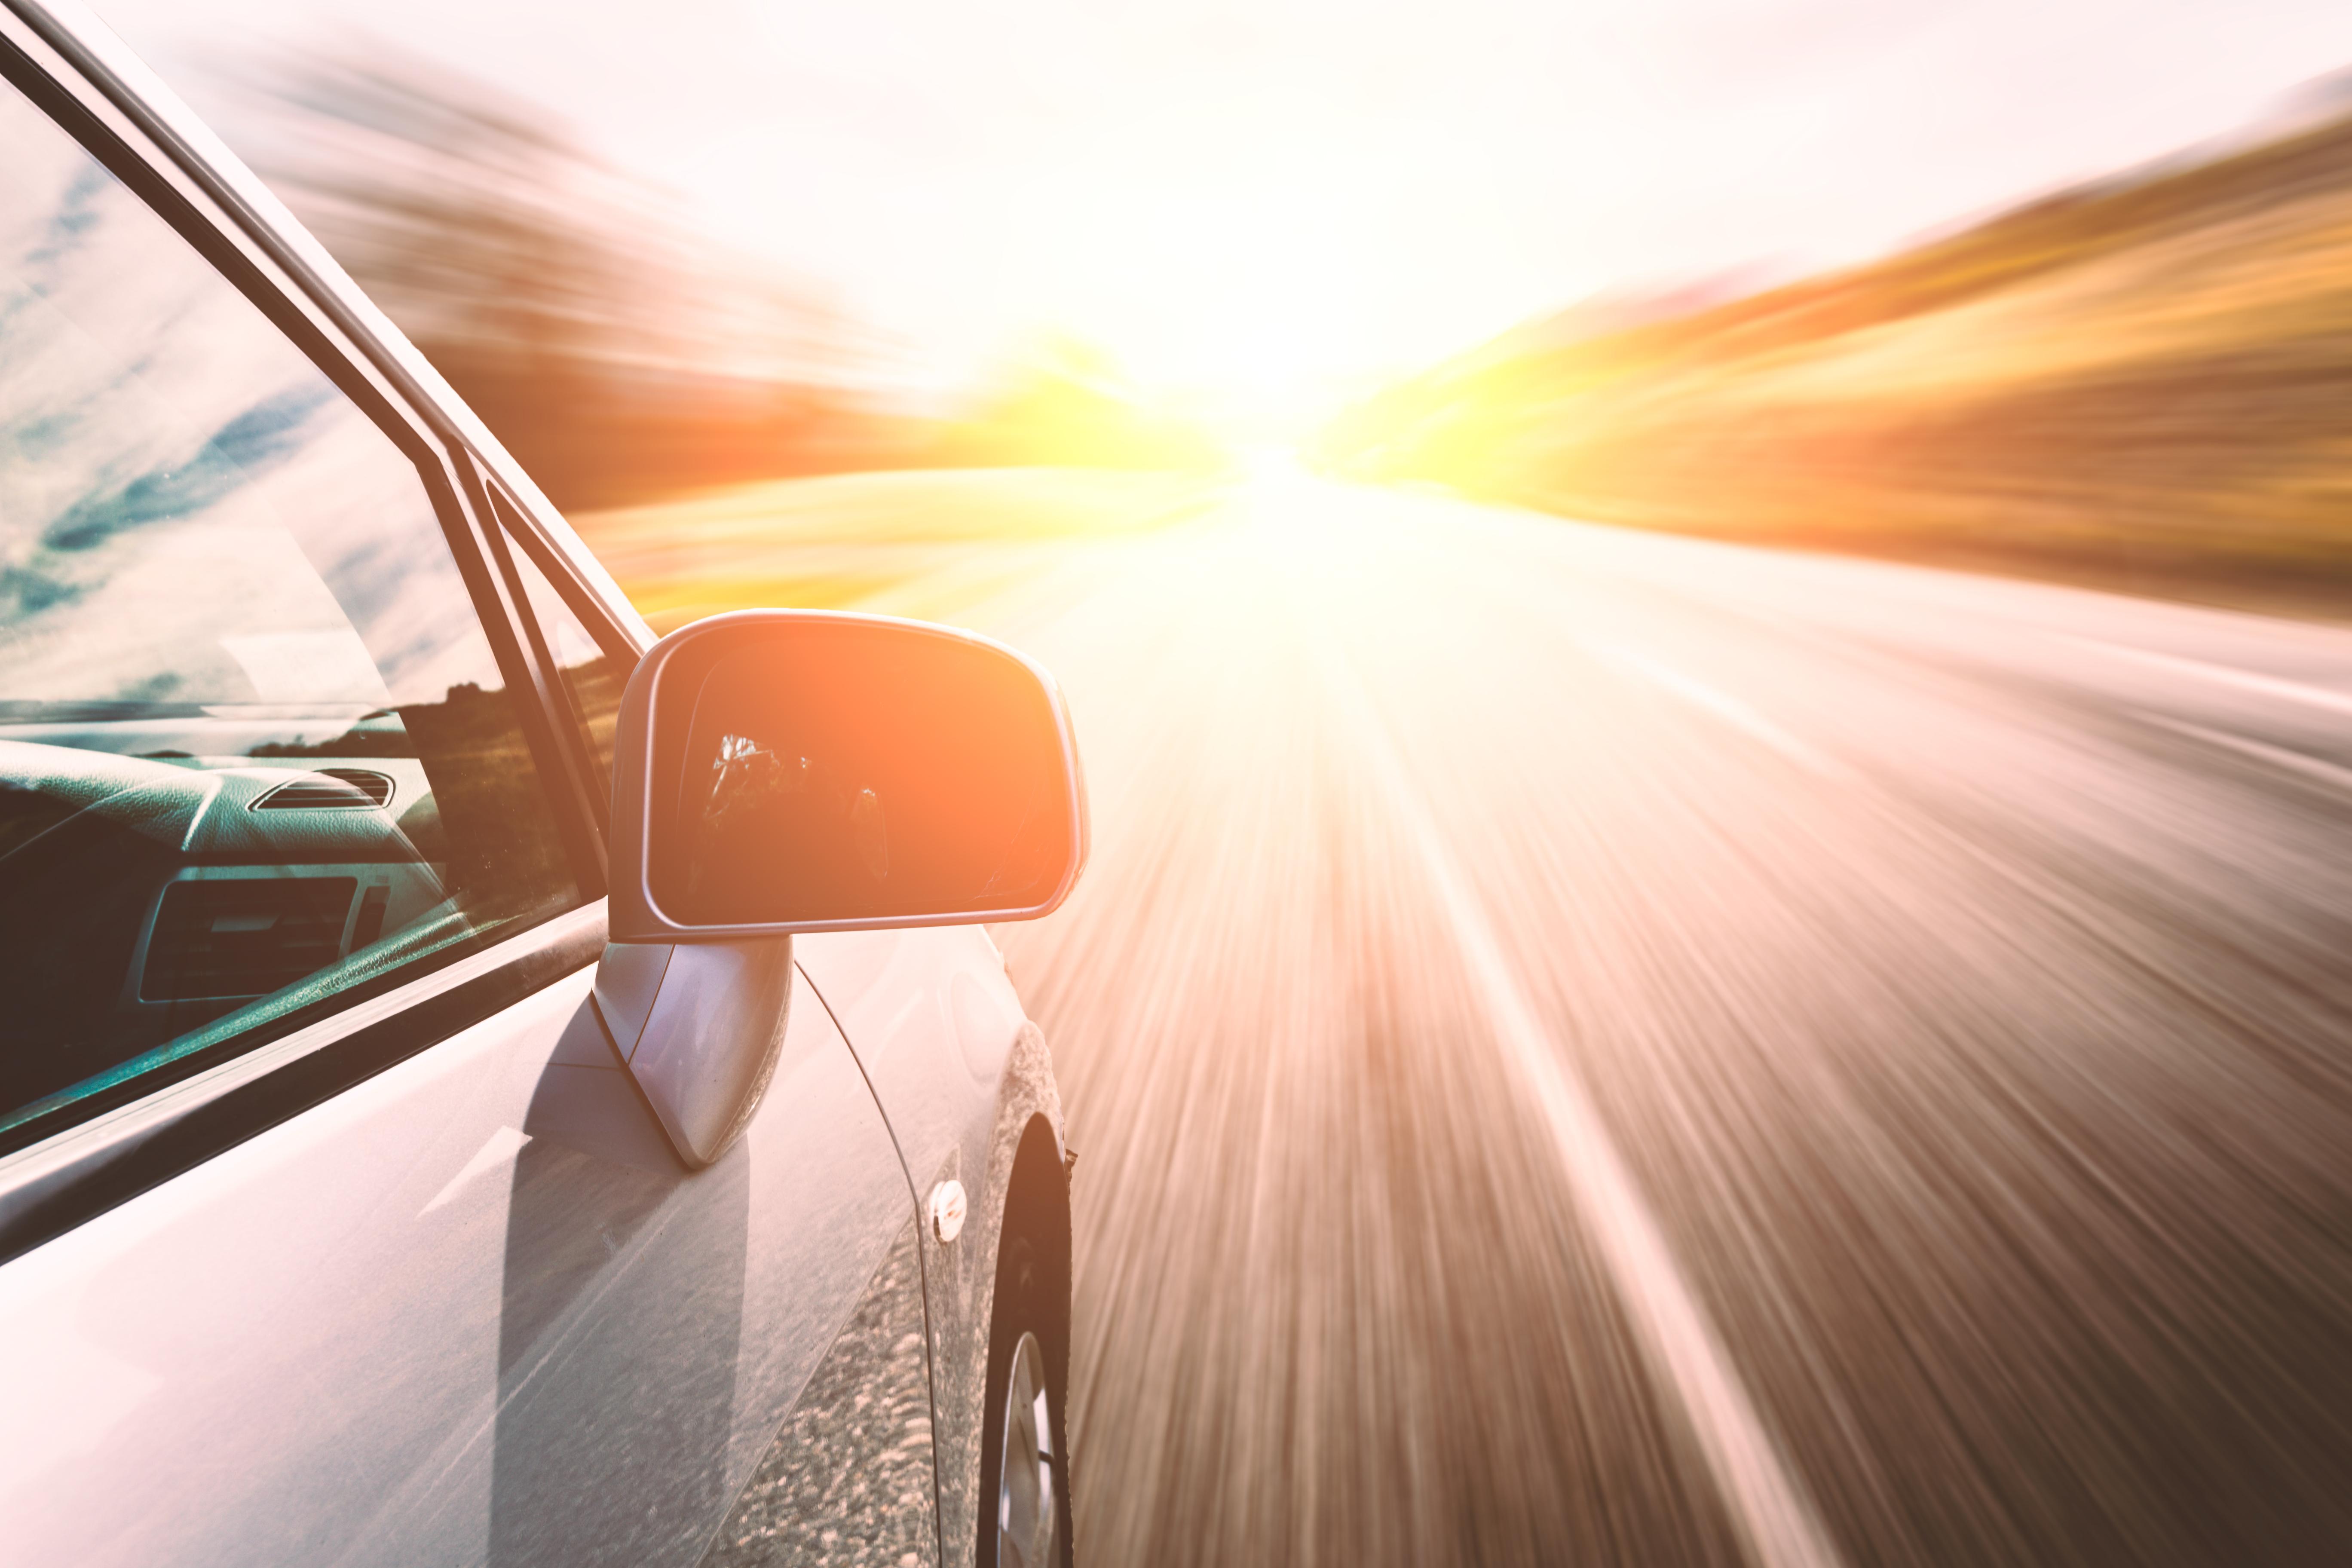 Cómo afecta el calor a la batería de tu coche